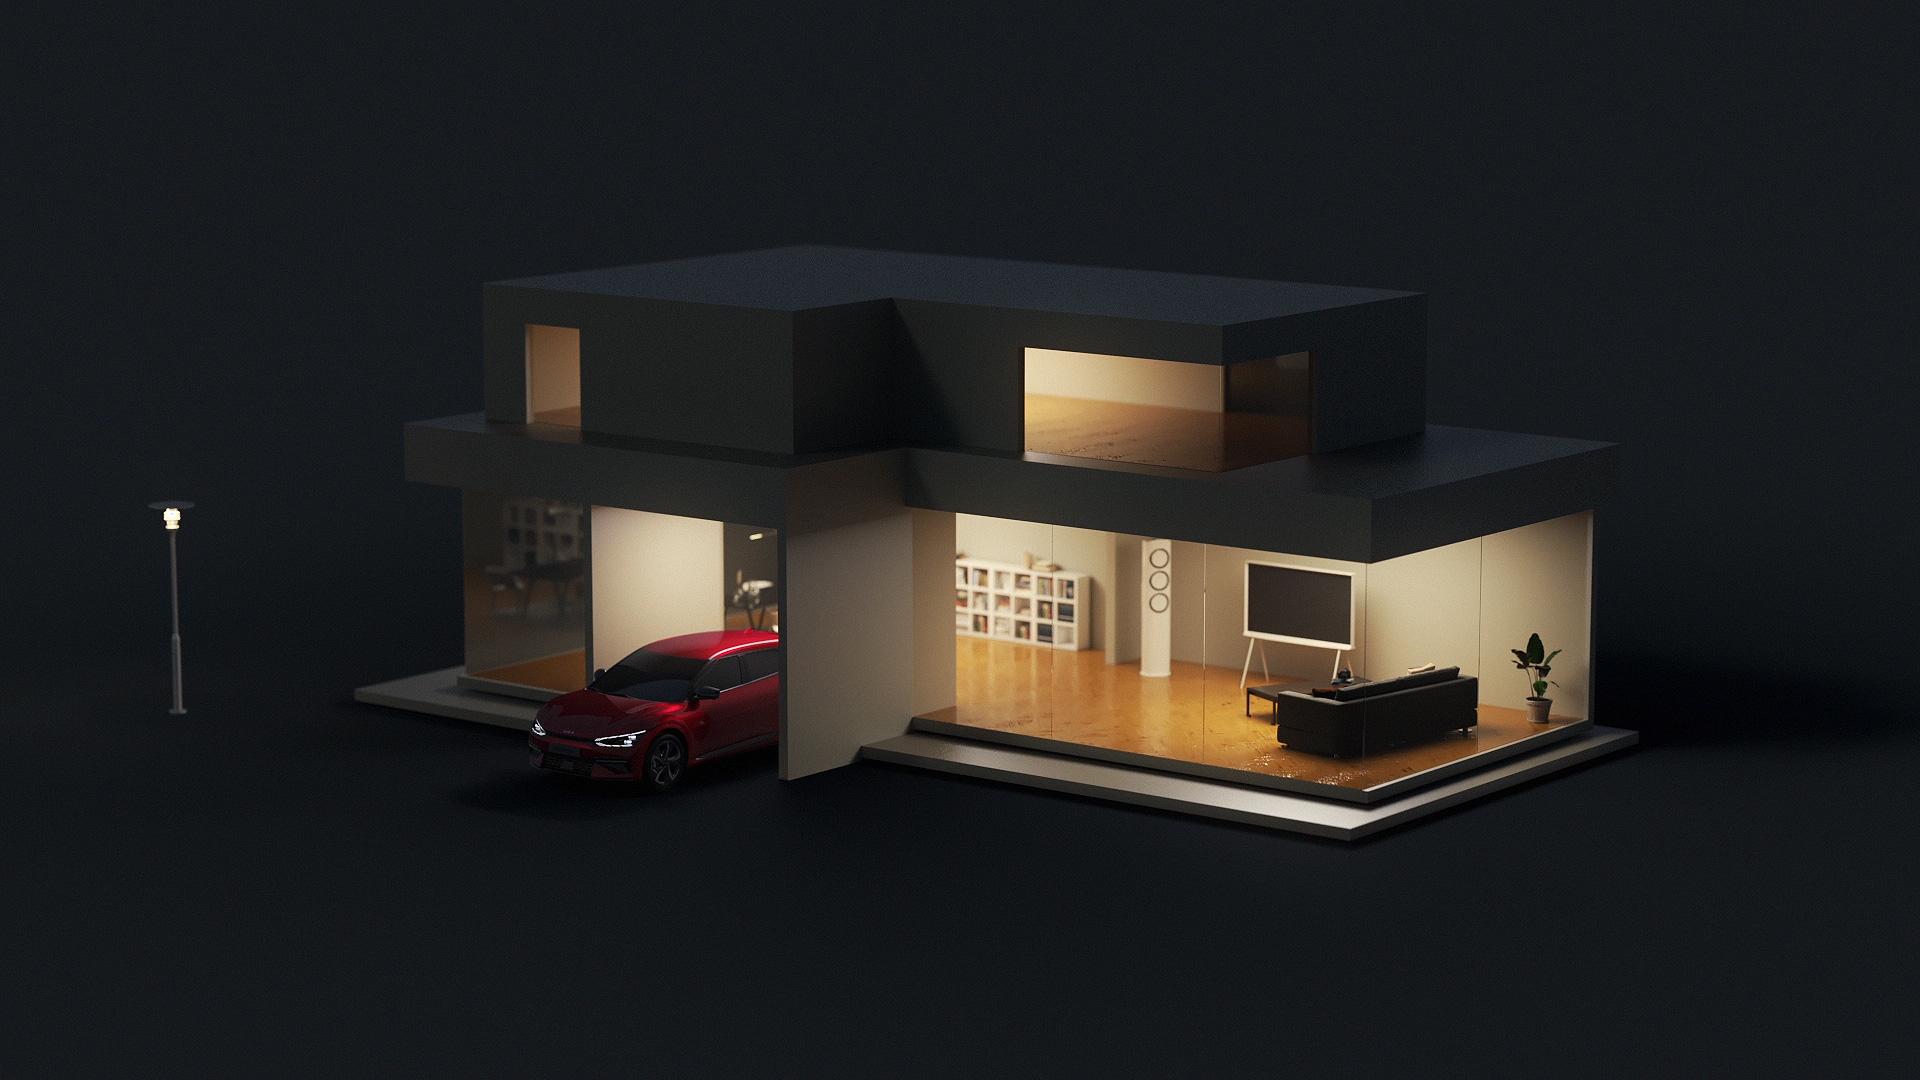 Nachtansicht Kia EV6 in Garageneinfahrt von beleutetem Haus